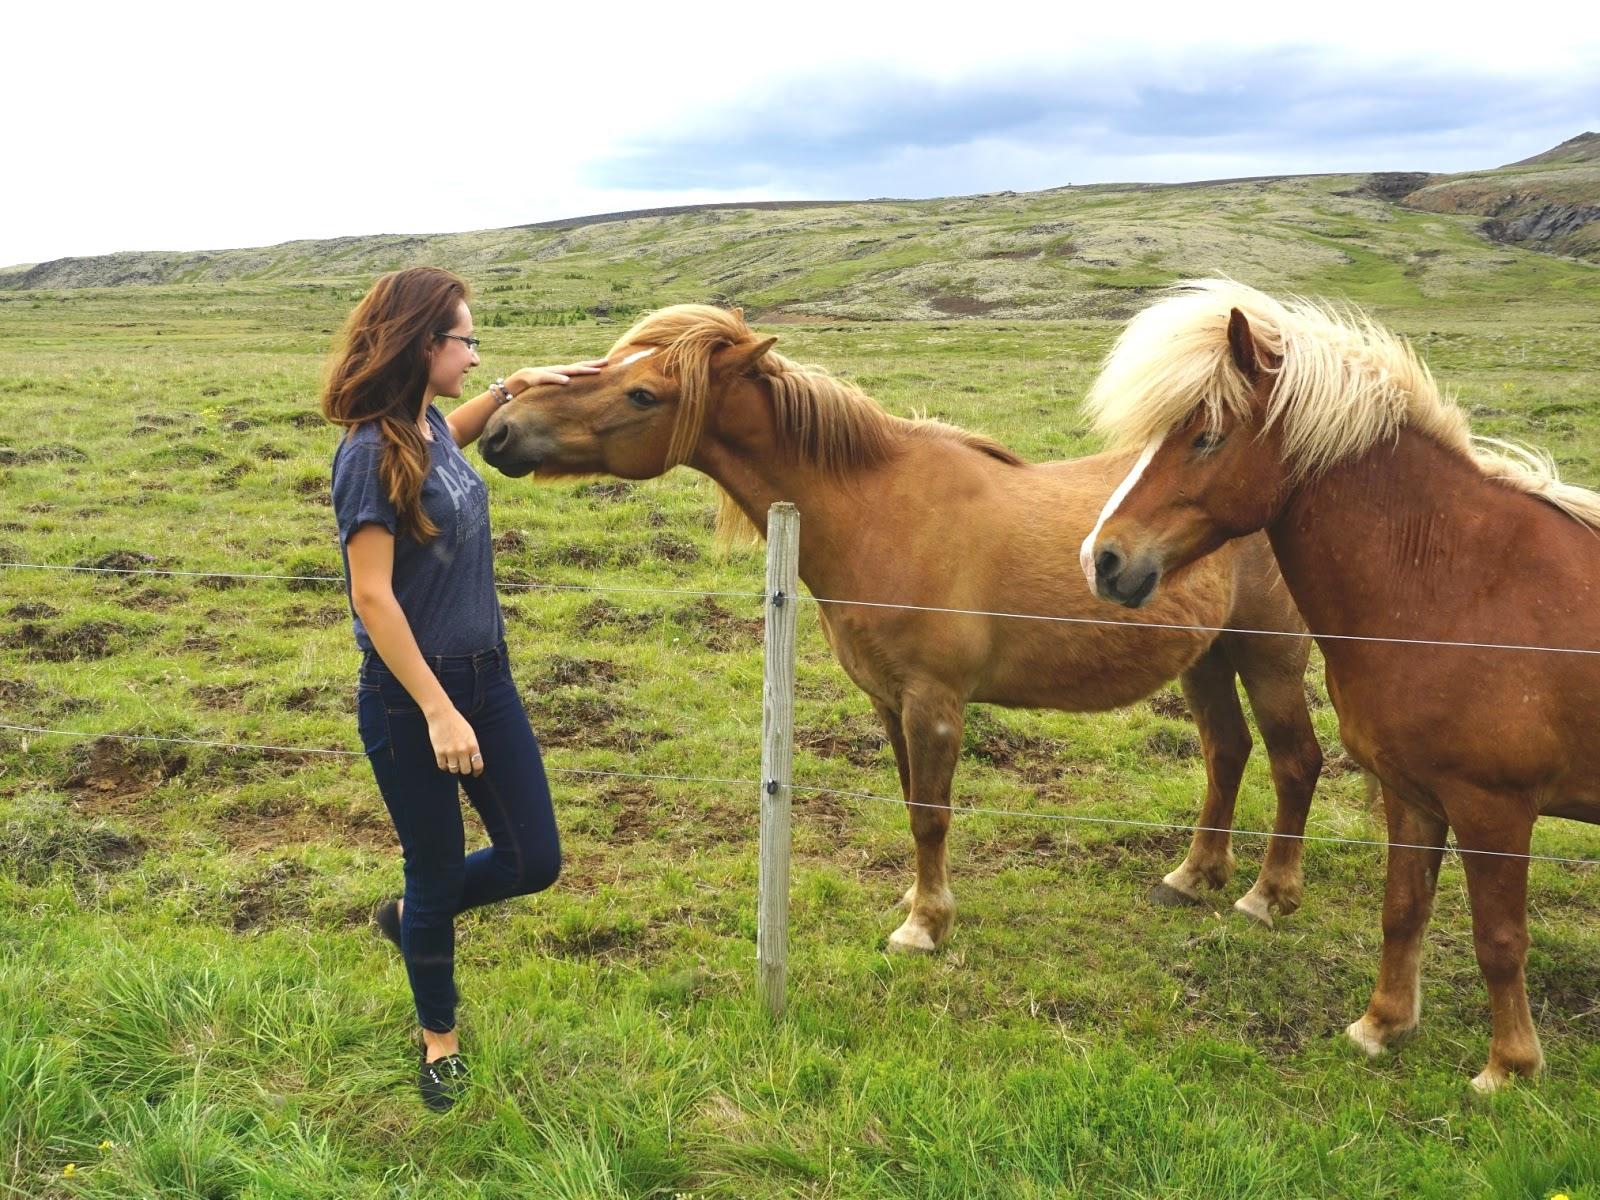 Hveragerdi, gorące źródła, Reykjadalur, Islandia, blog o Islandii, praca w Islandii, pani dorcia, blog podróżniczy, blog fotograficzny